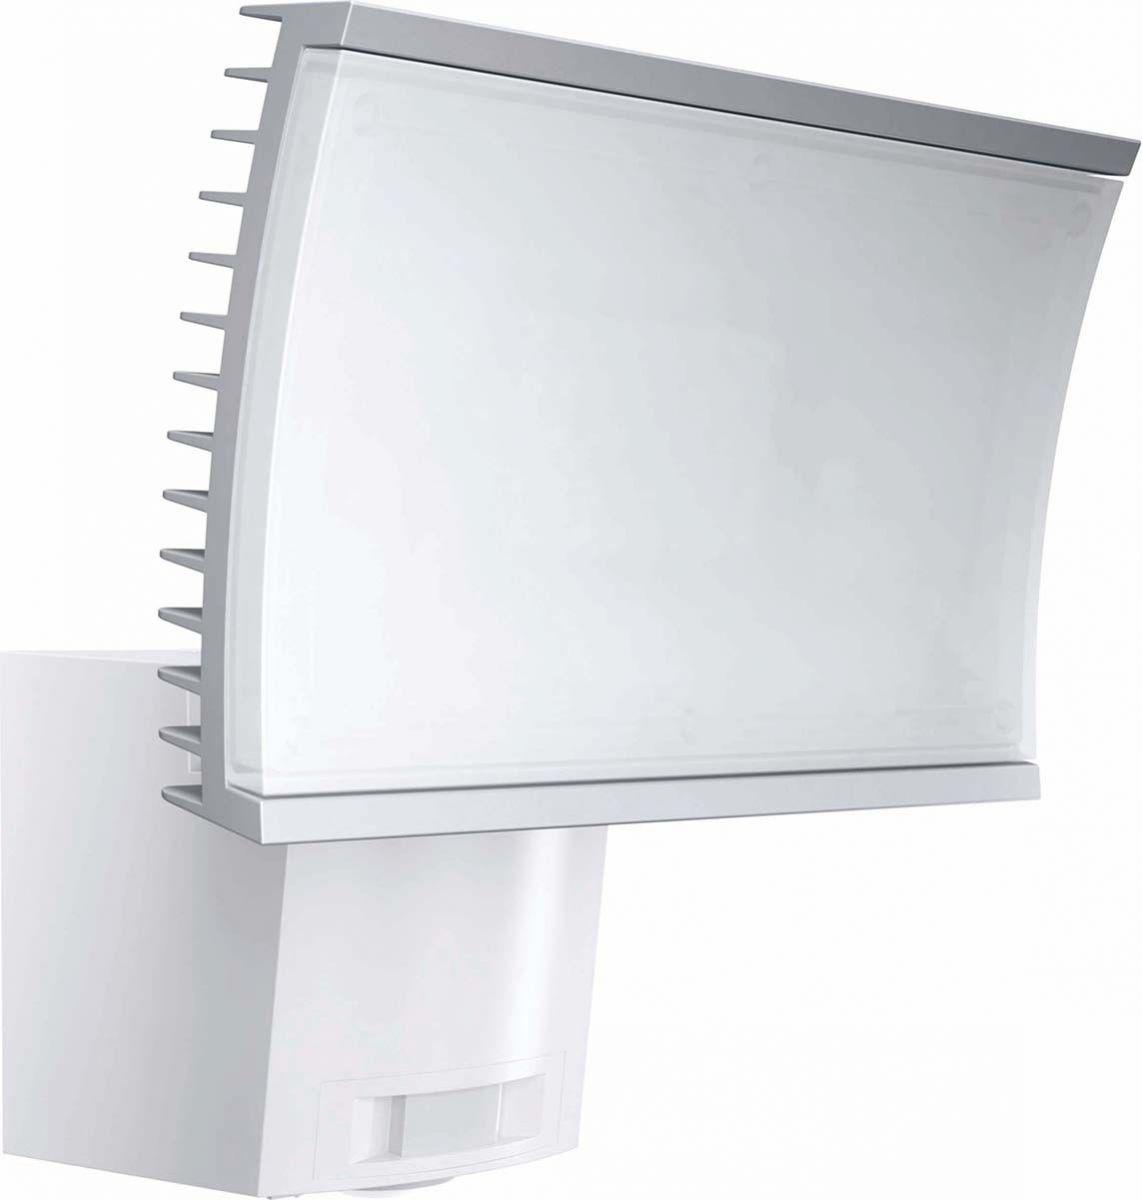 osram led strahler au en noxlite hp floodlight 40w wei. Black Bedroom Furniture Sets. Home Design Ideas